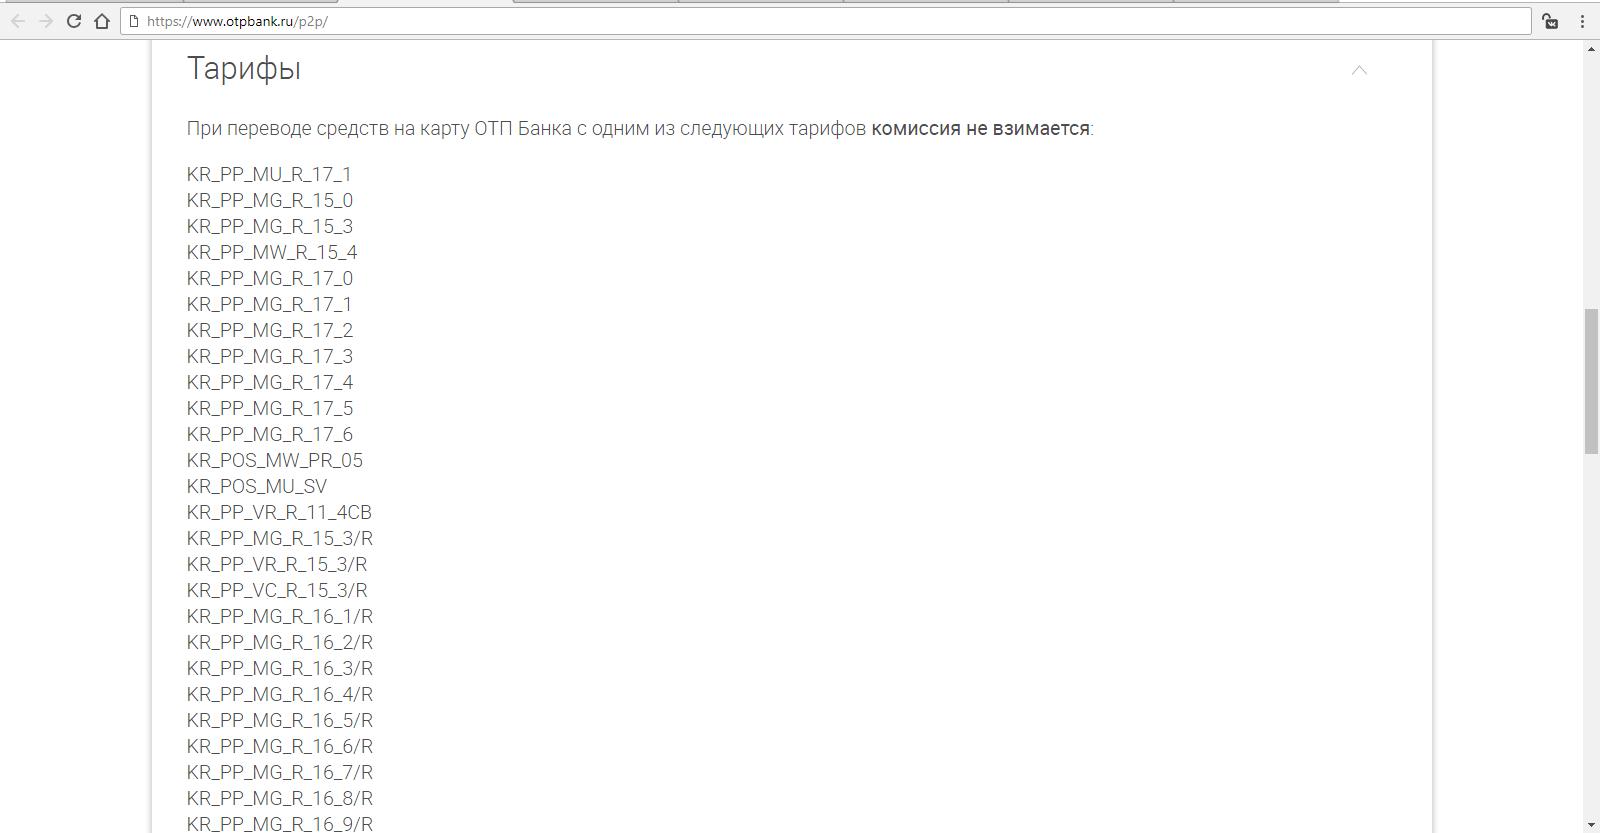 Скрин списка тарифов